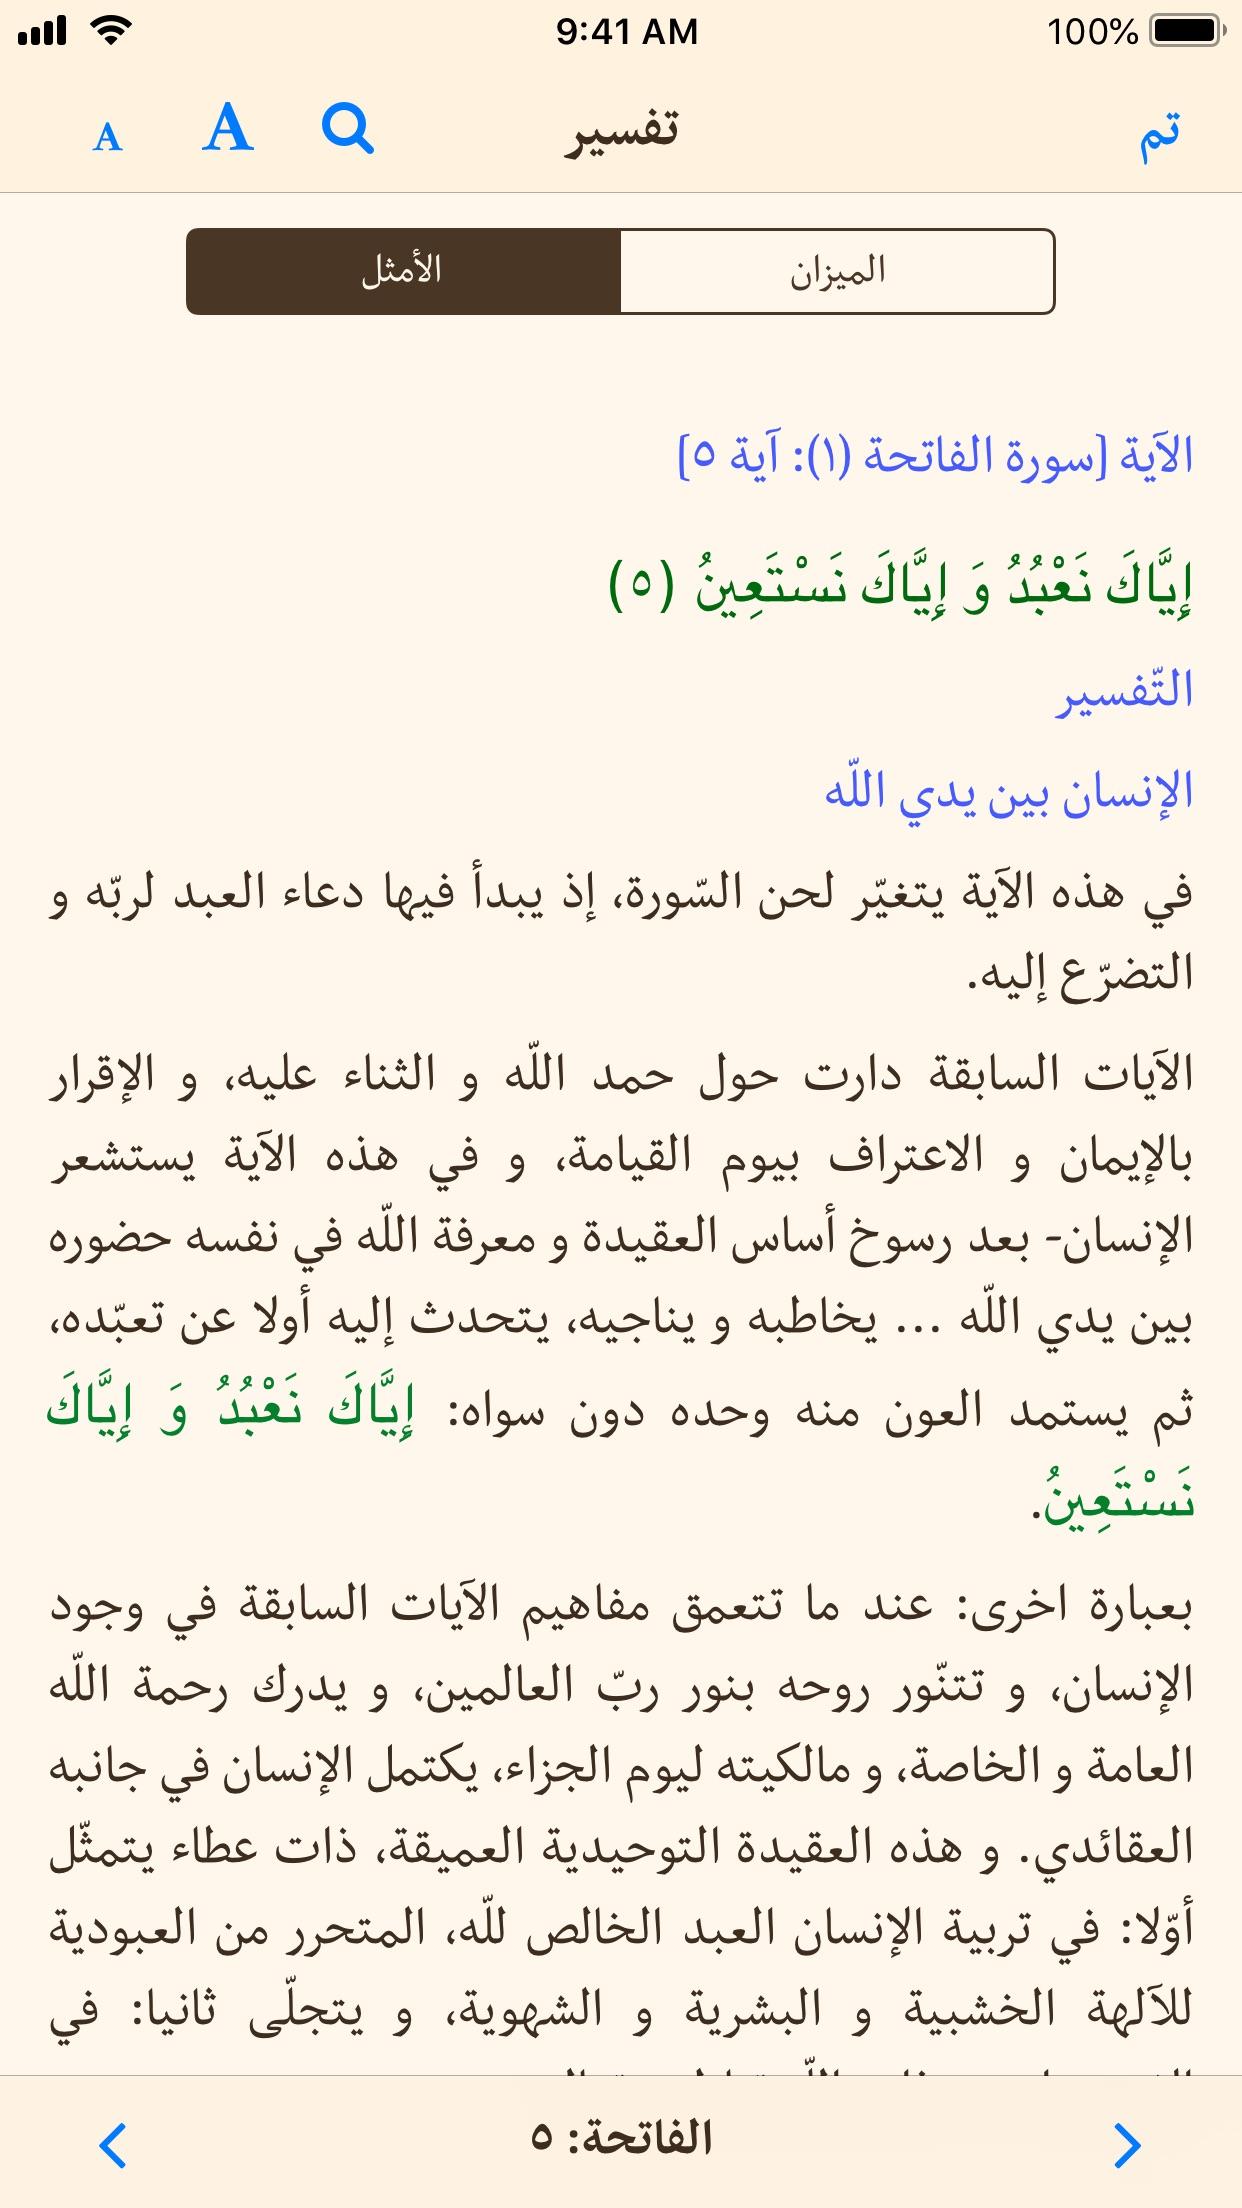 القرآن مع تفسير (اهل البيت) Screenshot